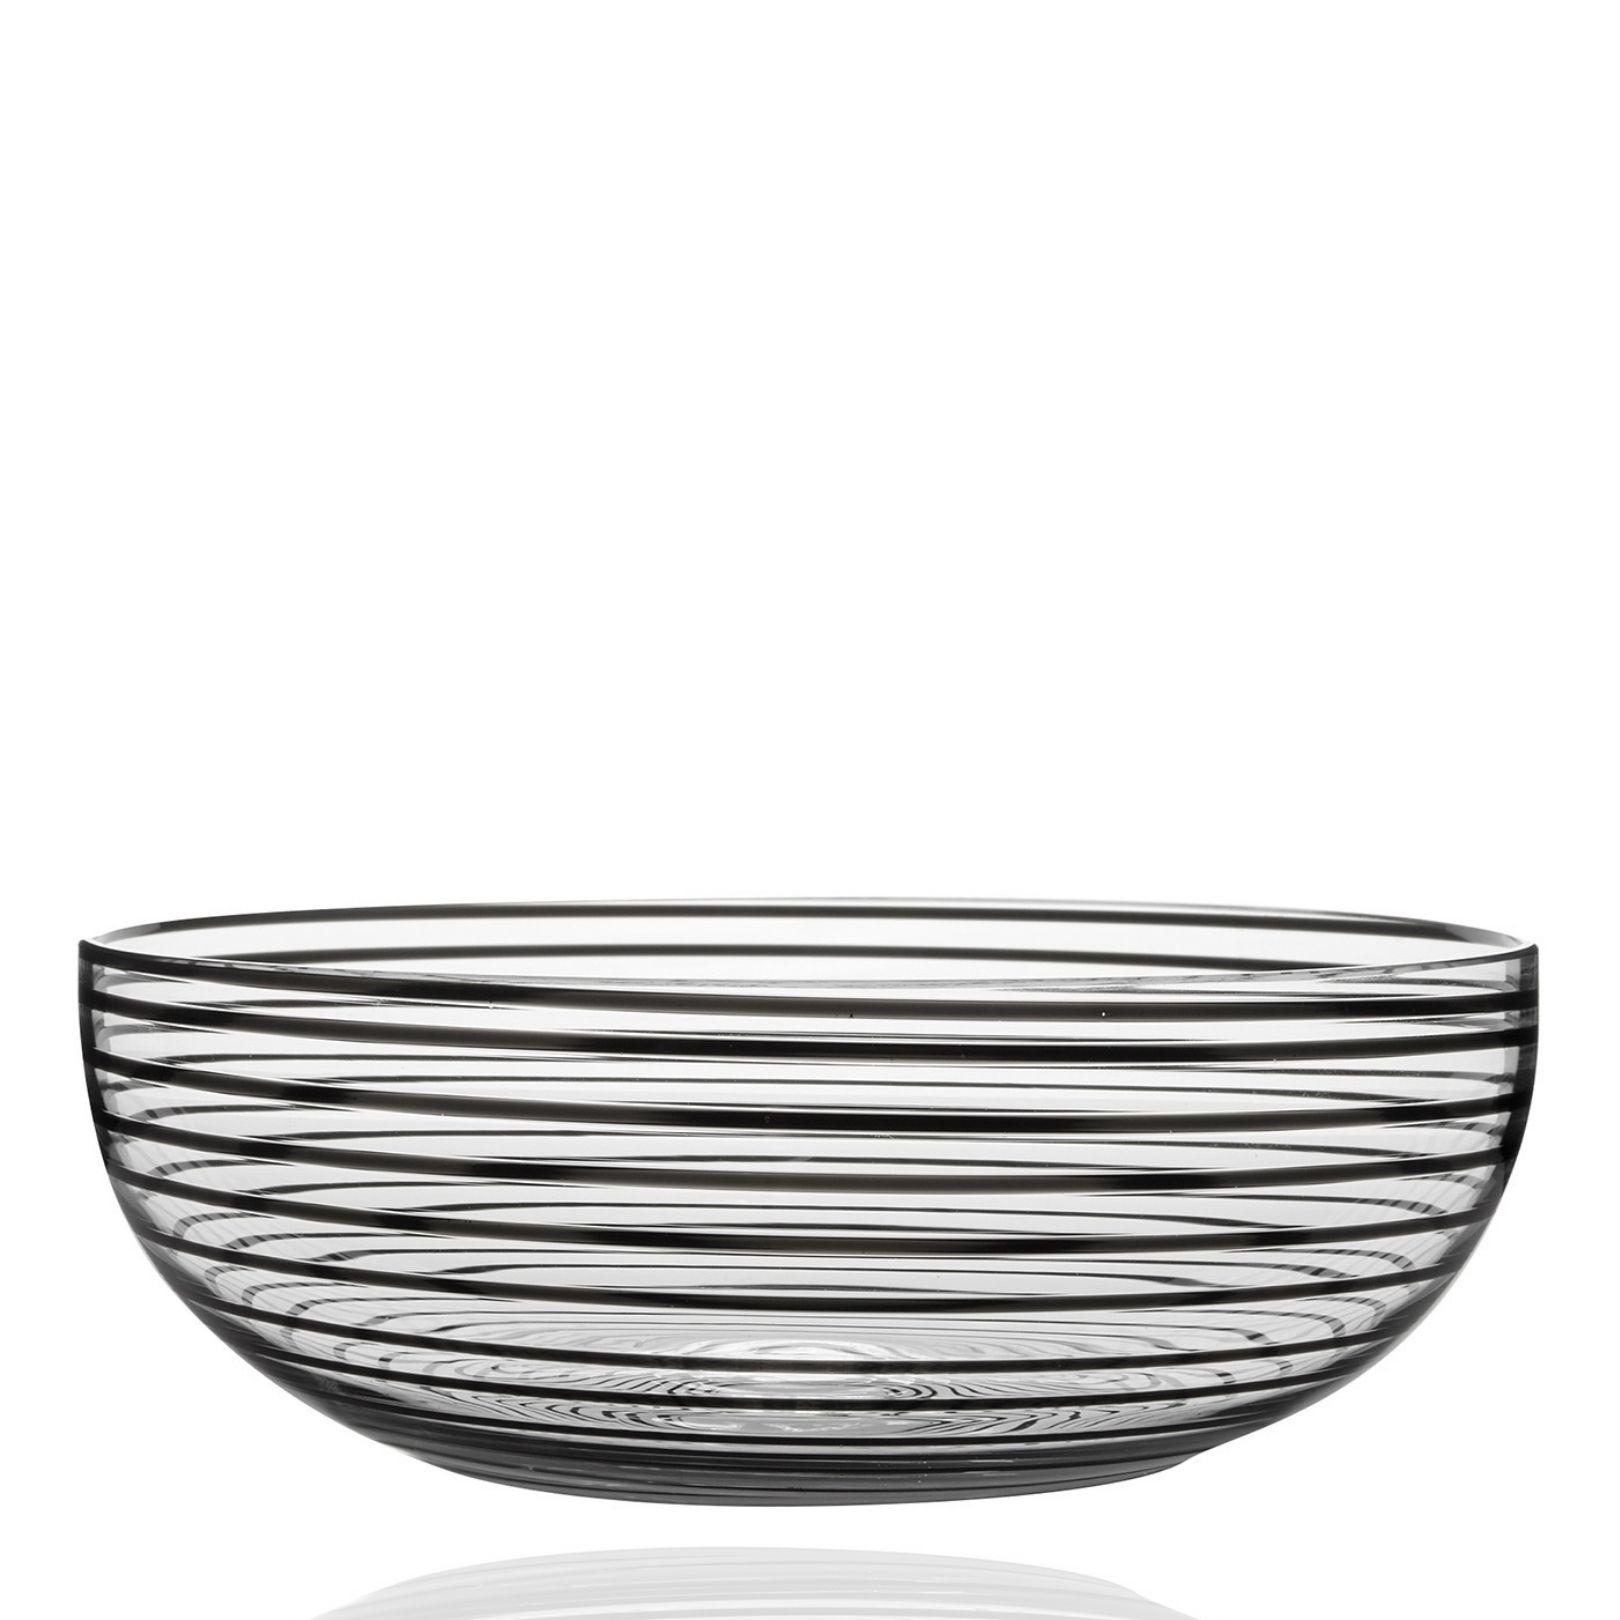 NasonMoretti coppa Twist bowl sconto discount